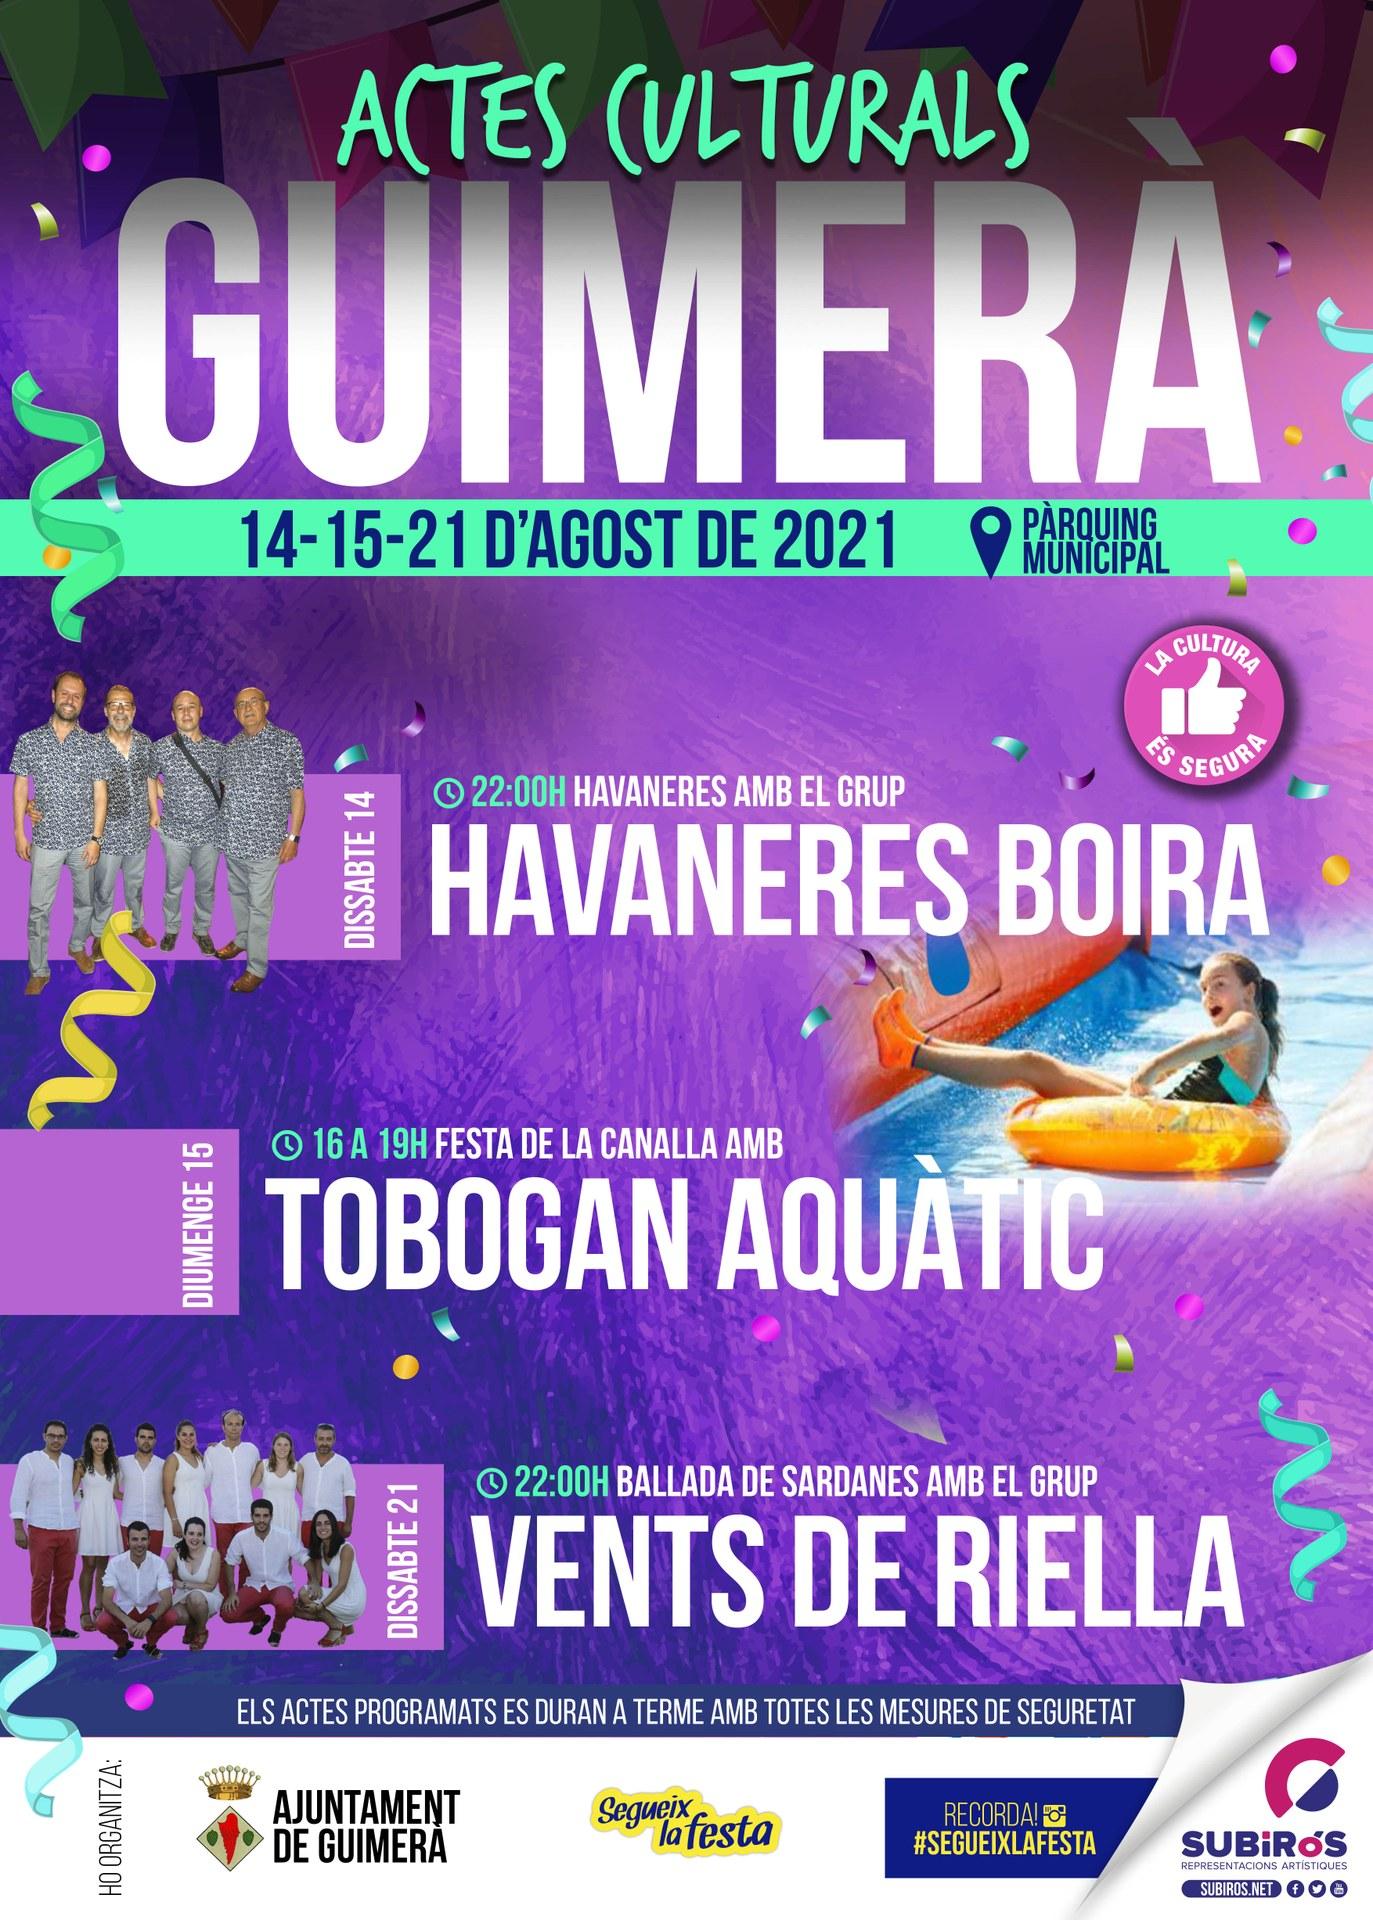 GUIMERA ACTES CULTURALS ESTIU 21- 2.jpg